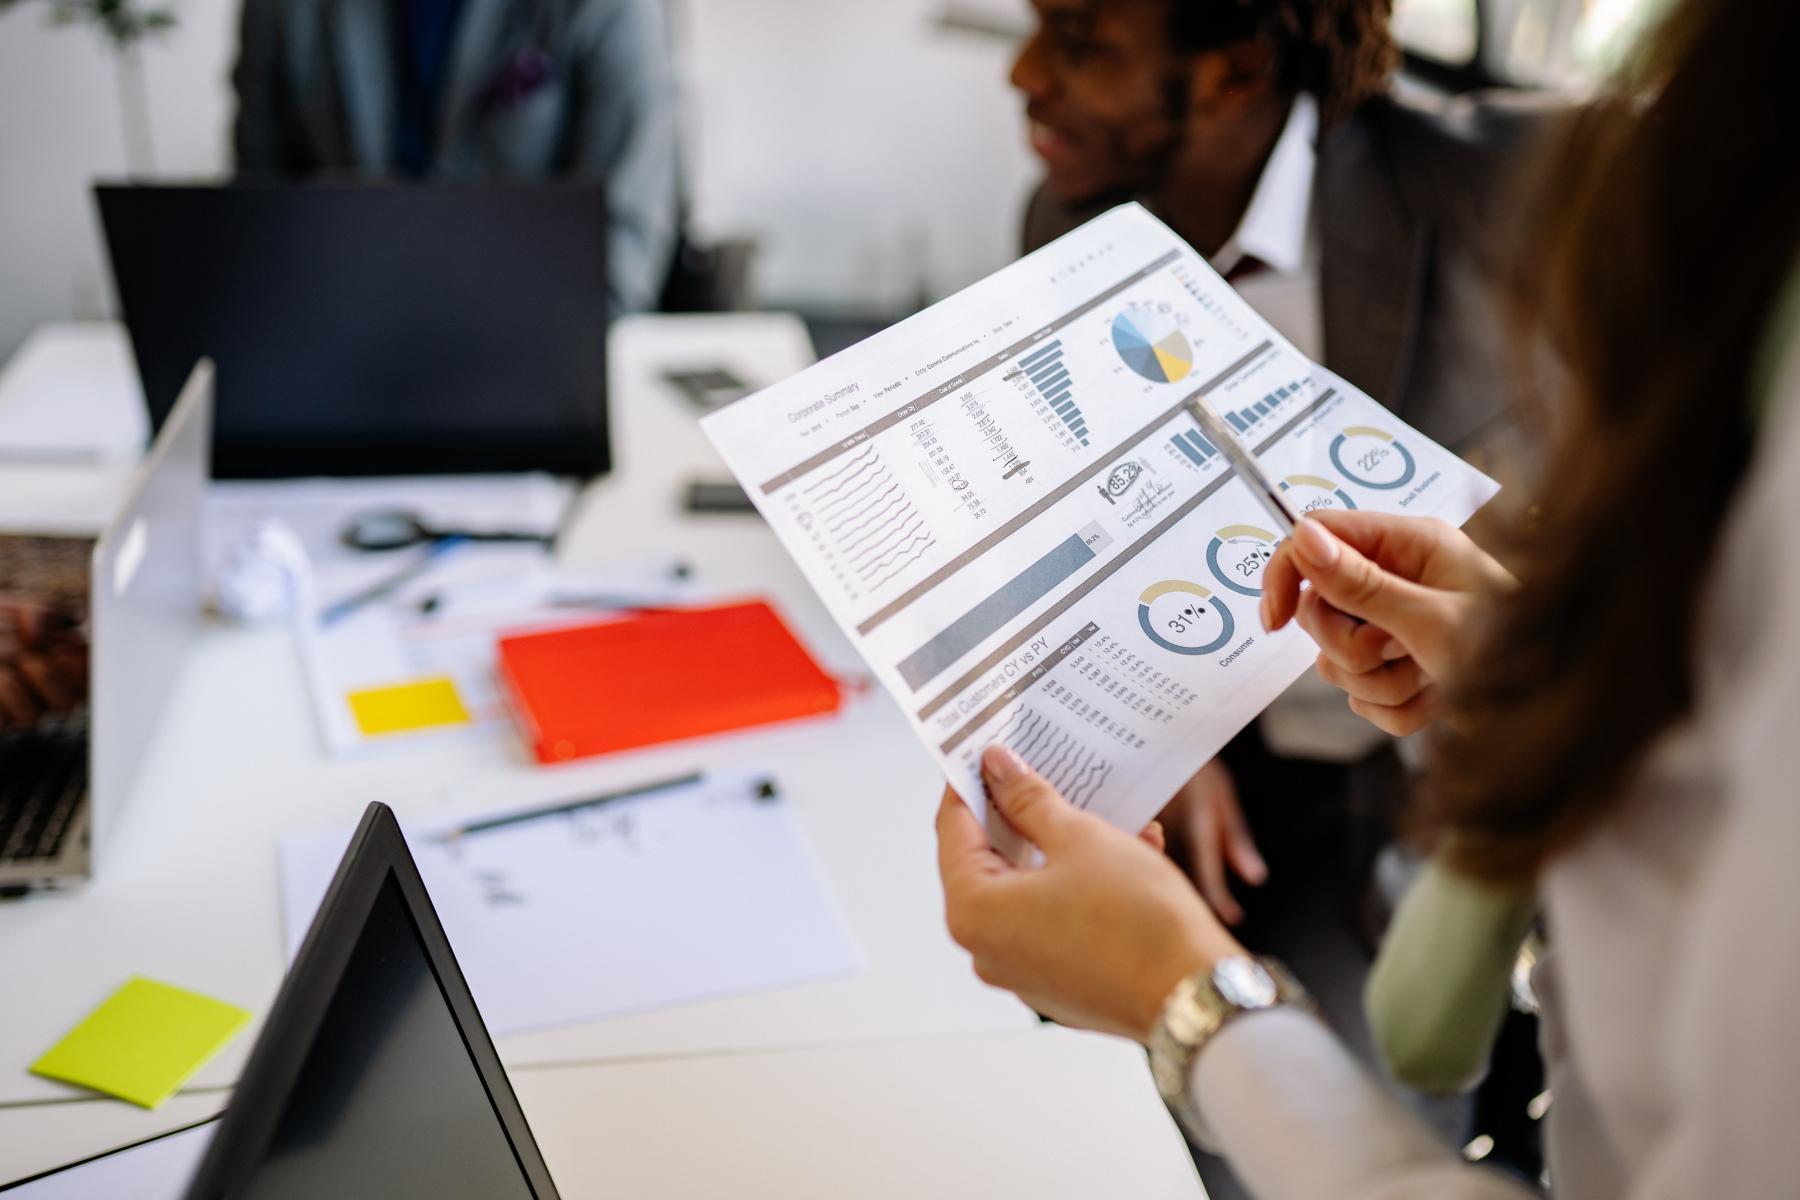 Skupina ČEZ prošla úspěšně hodnocením LEA, které měří, jak úspěšně firma pracuje s věkem zaměstnanců